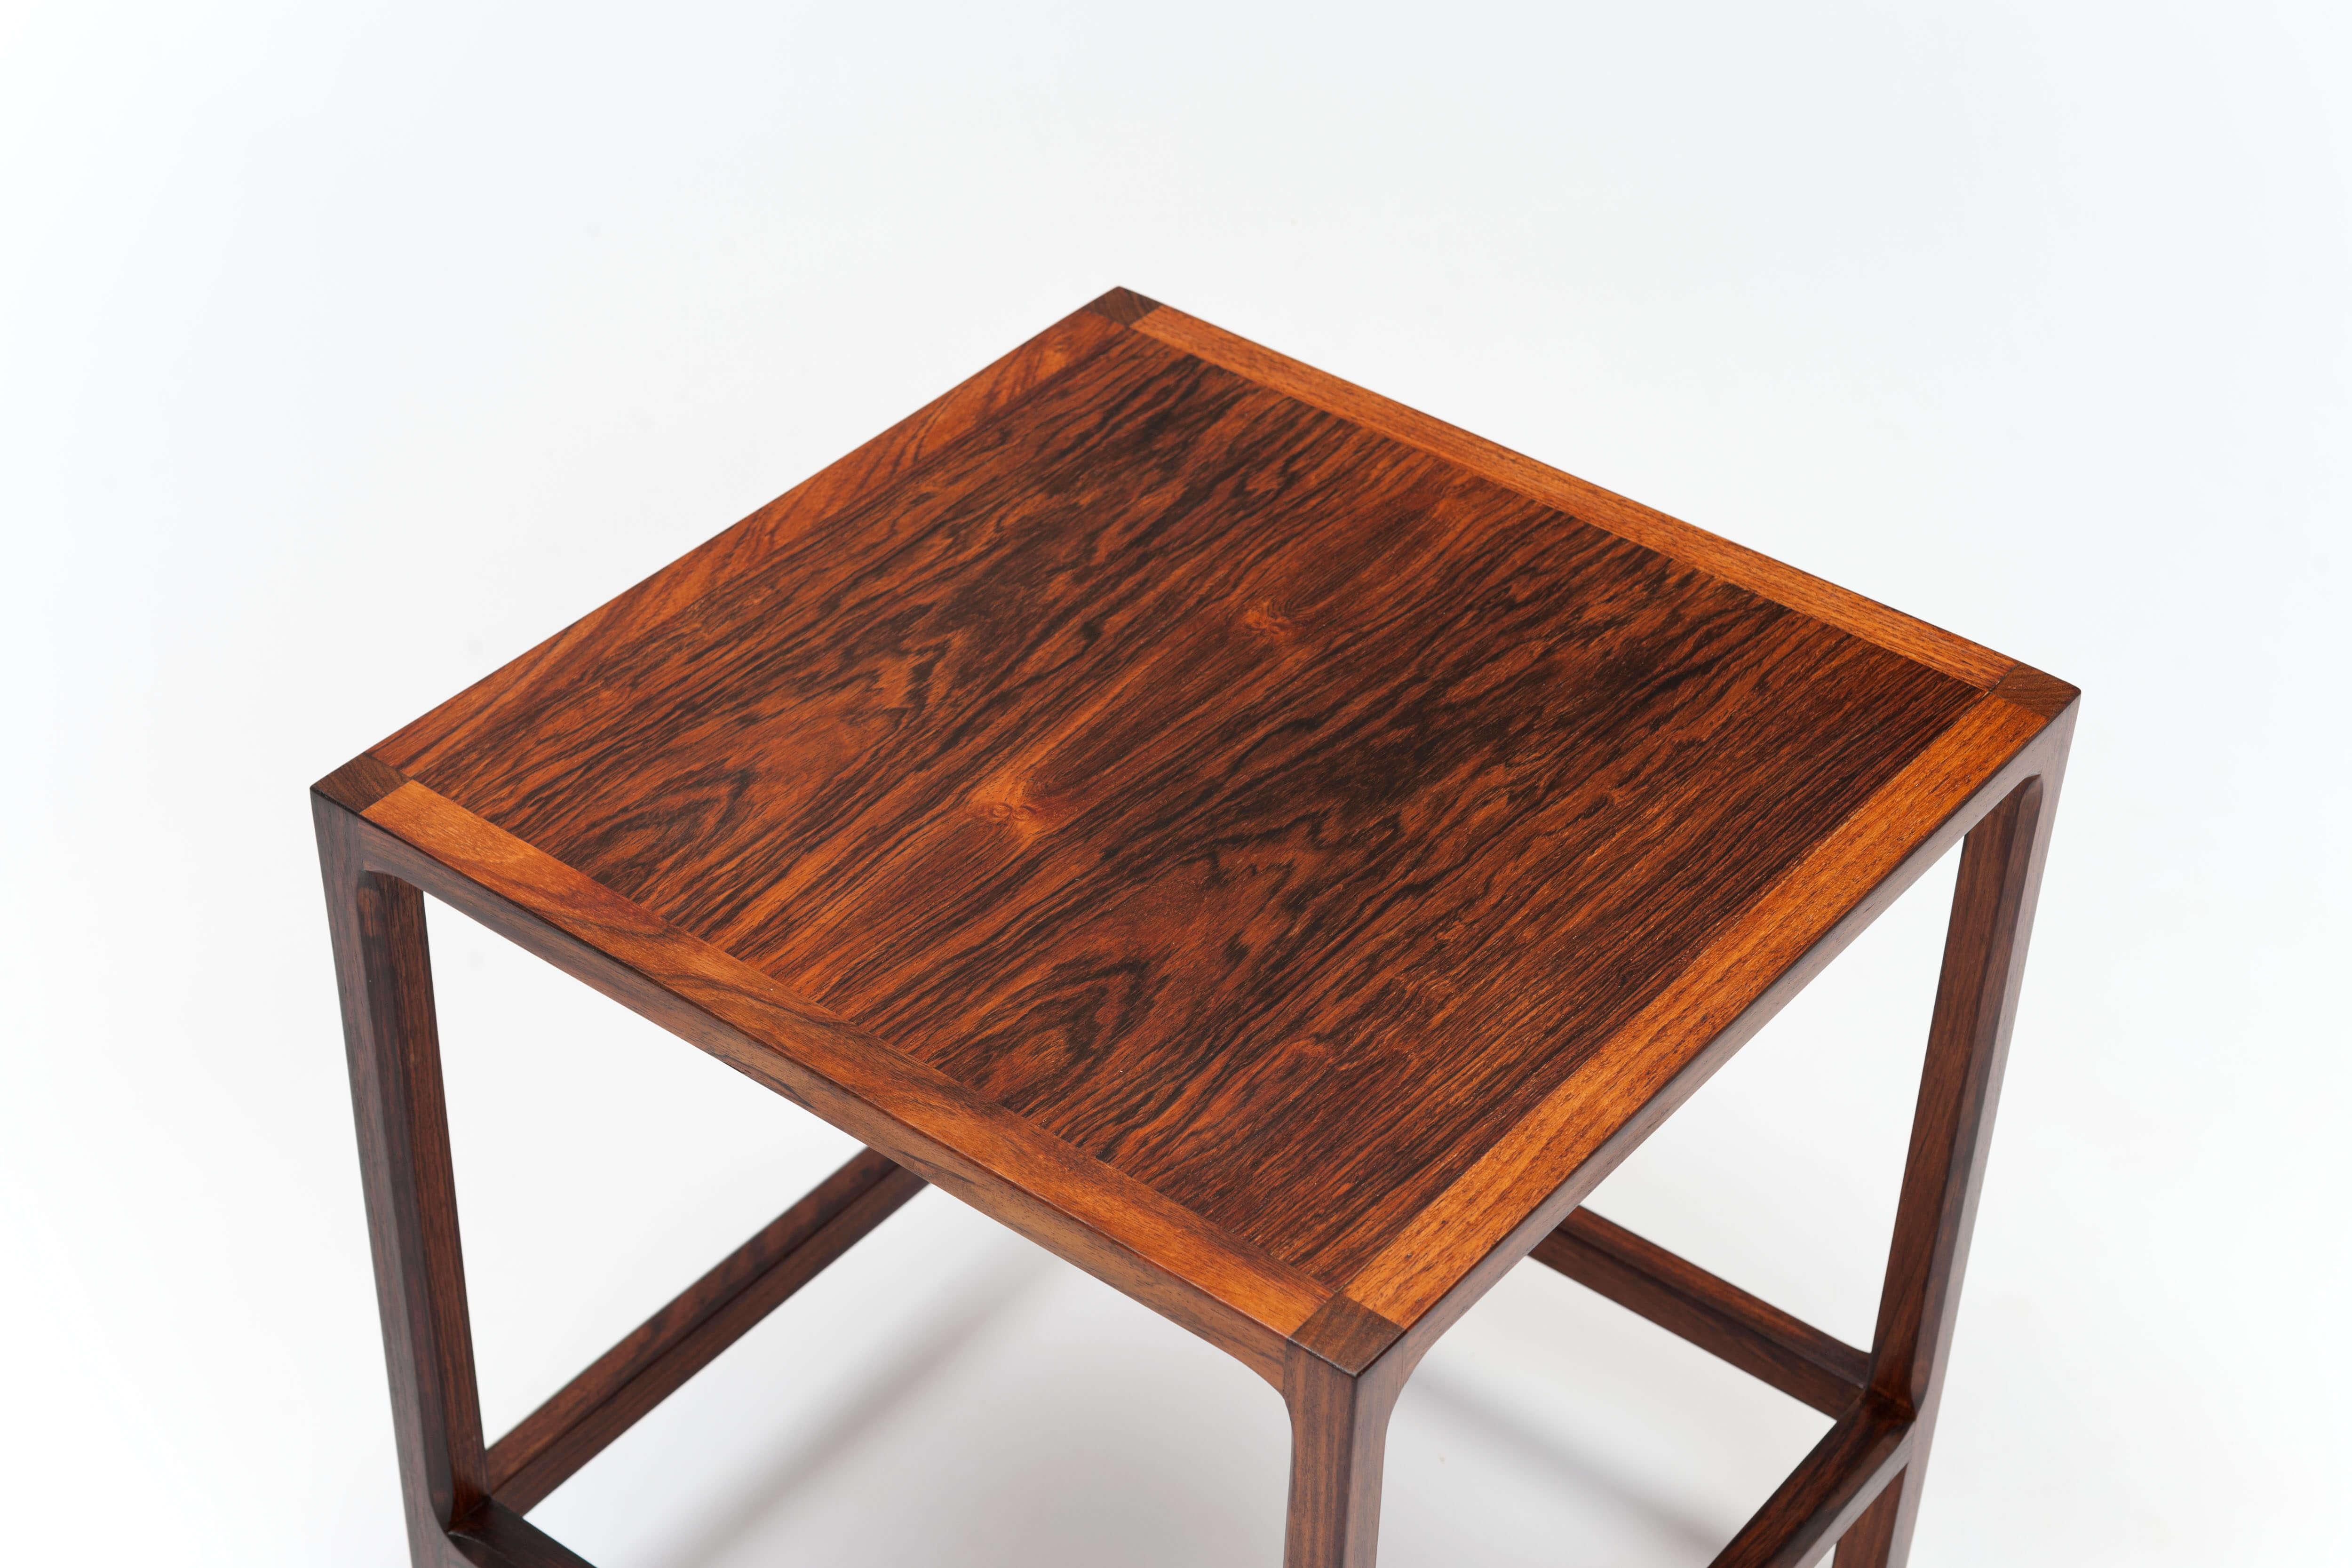 Vintage Palissander Tafels